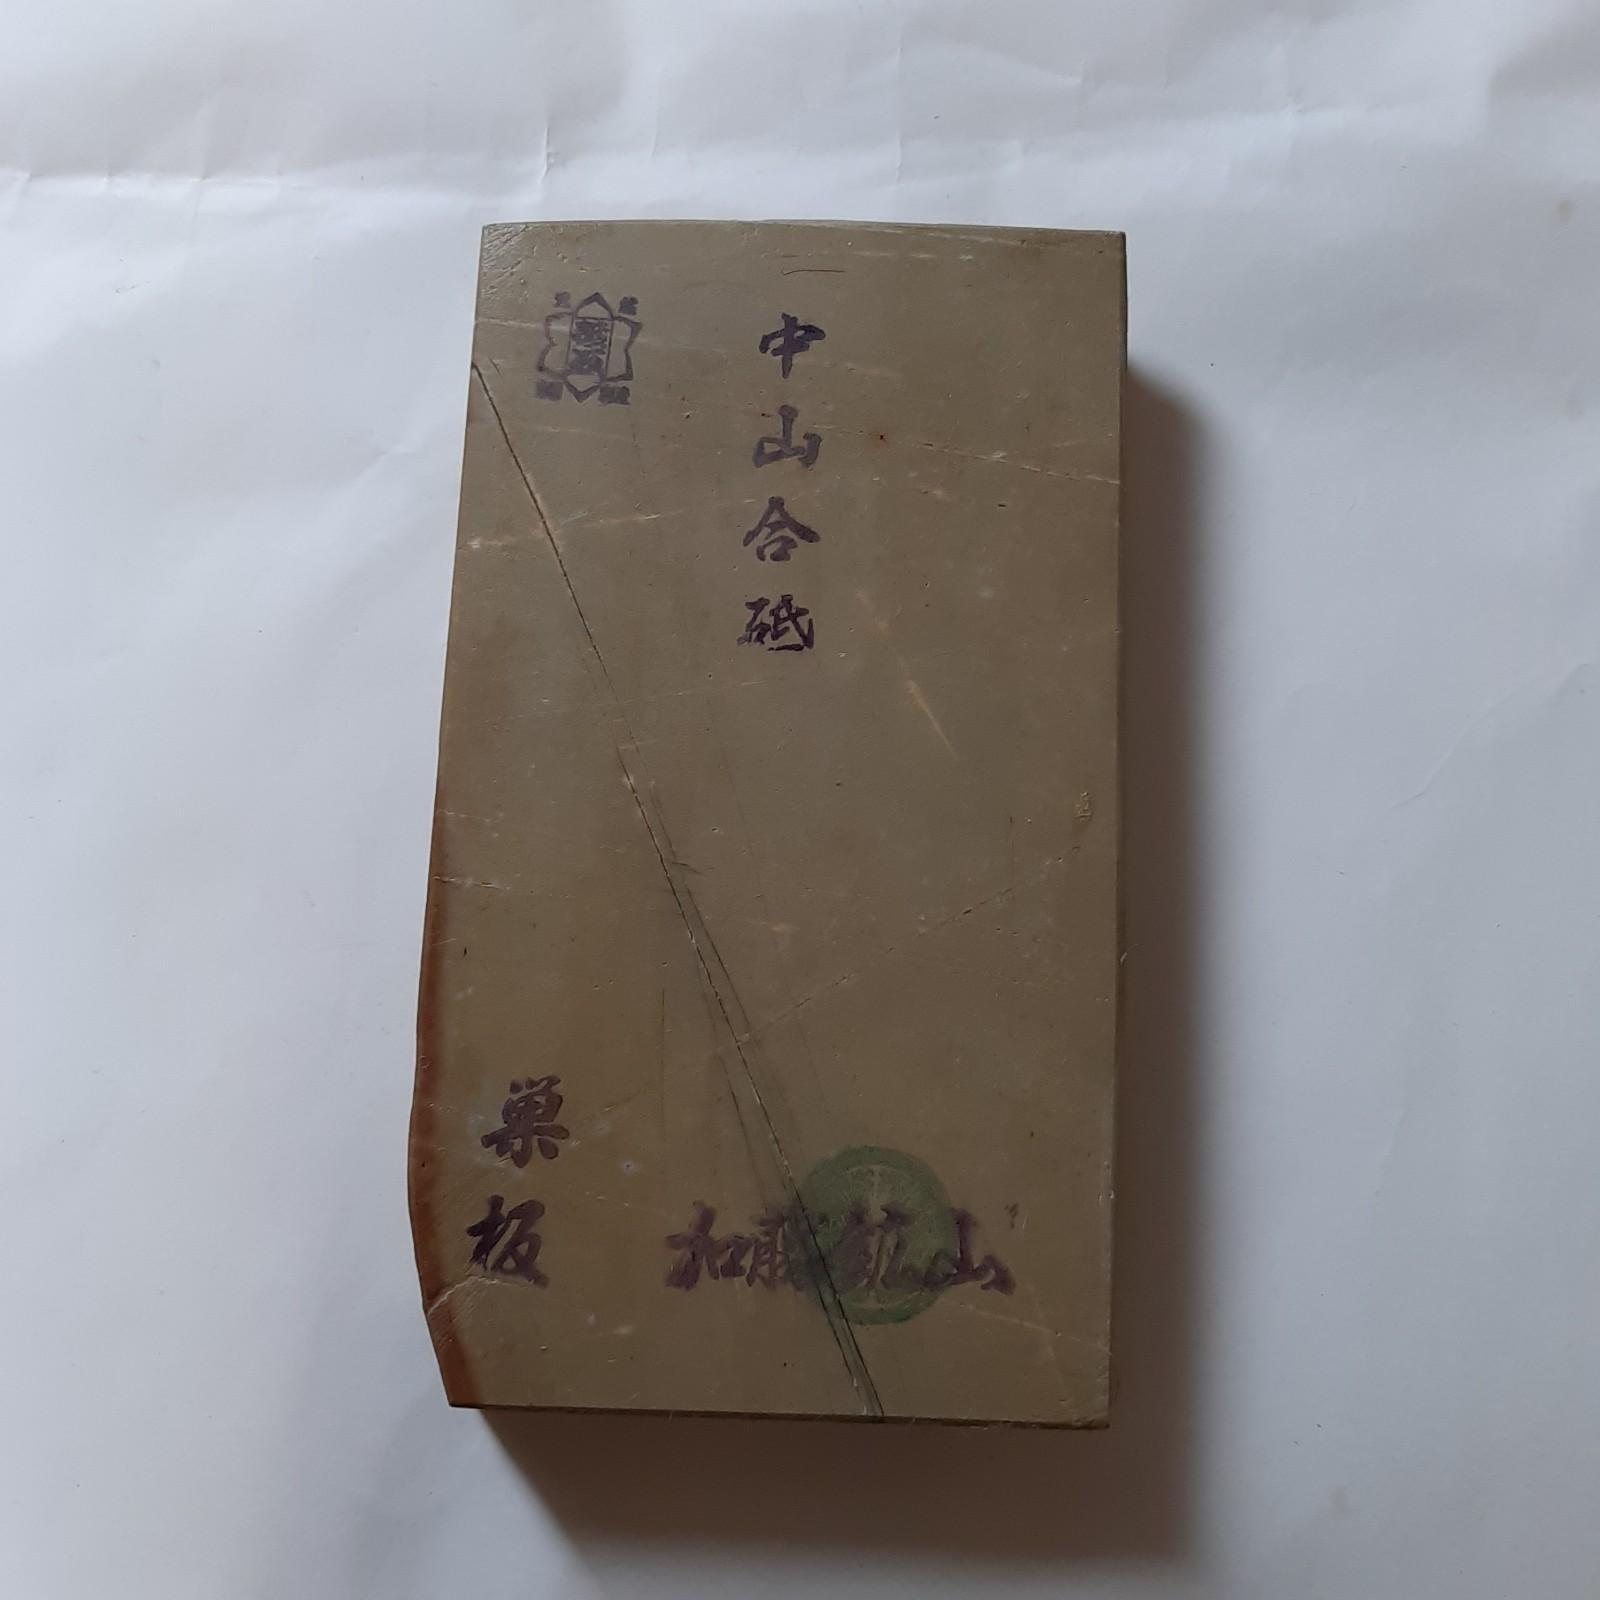 【ご成約済み】中山 コッパ No.211 巣板 茶 【超仕上用天然砥石】